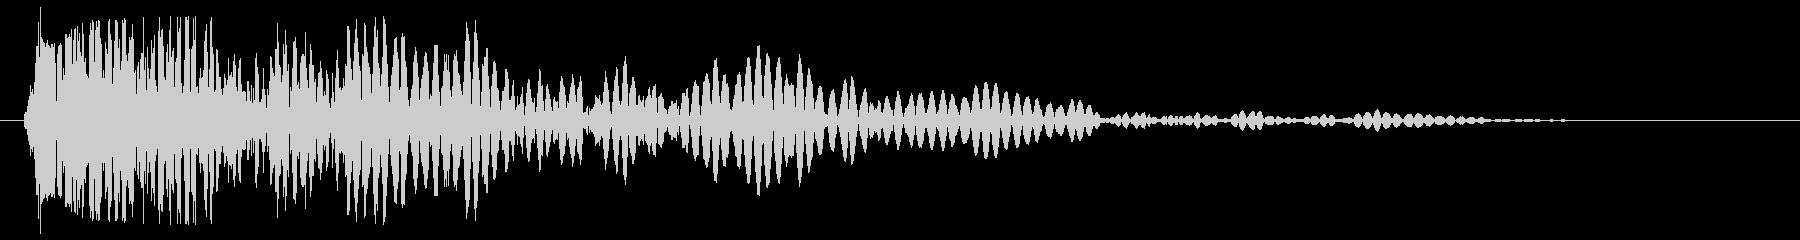 バシュッ!(何かが破裂、叩かれる音)の未再生の波形